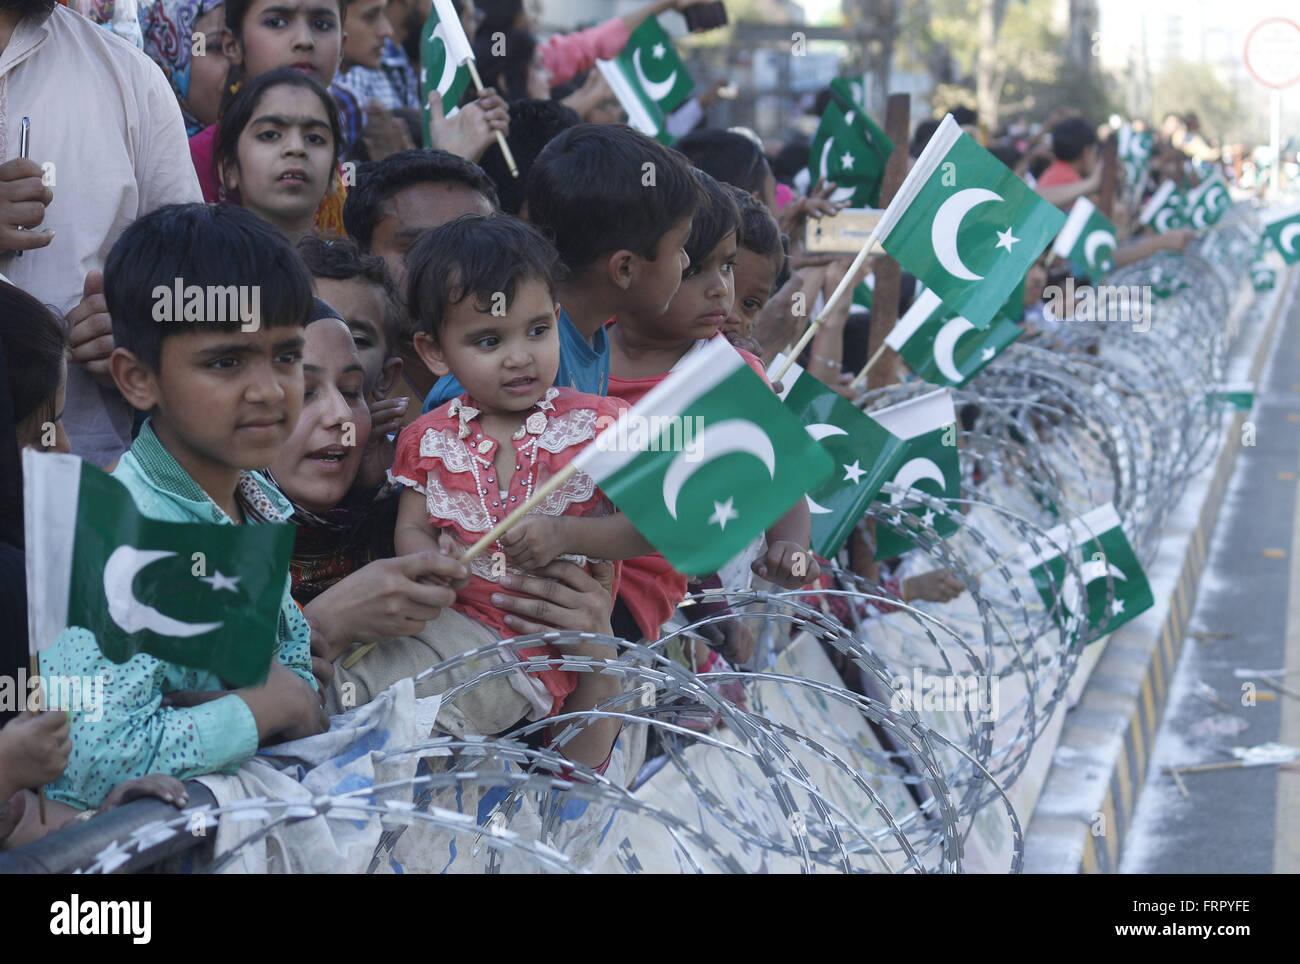 Lahore, Pakistan 23rd Mar, 2016 Pakistani People Celebrating Pakistan Day  In Lahore Pakistan Celebrates